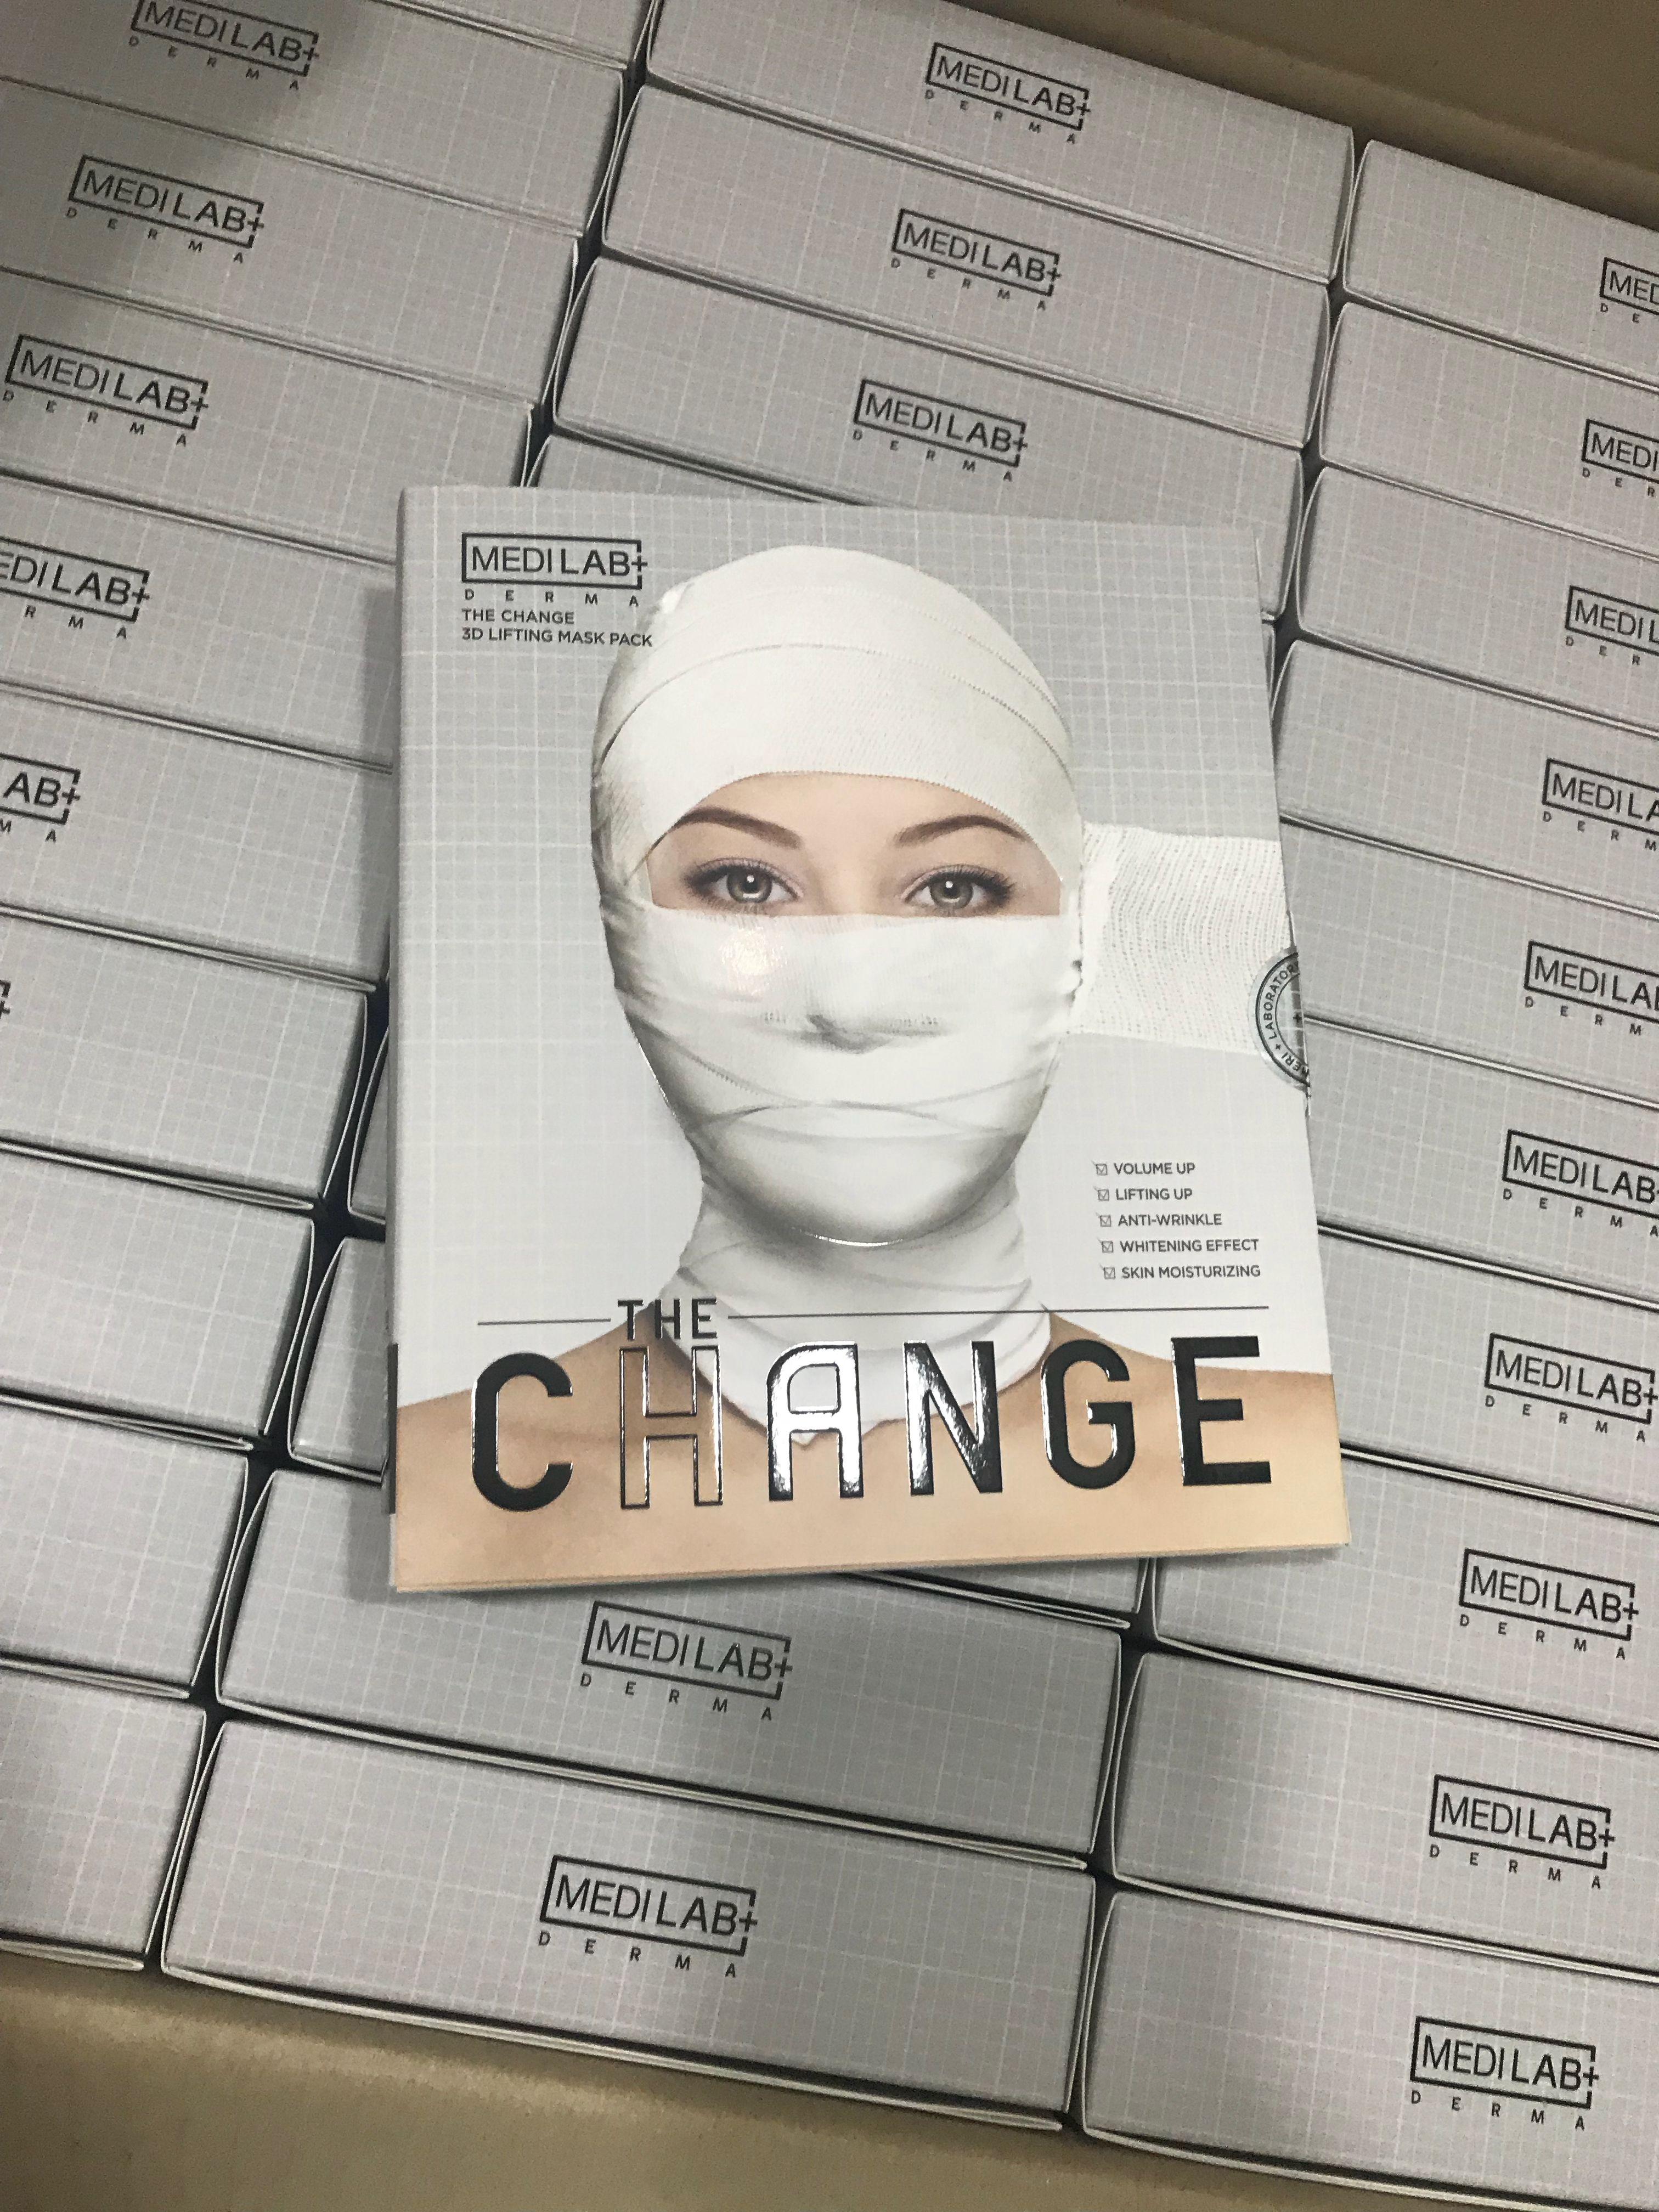 Medilab Mask Instock Wholesale. For more details Email